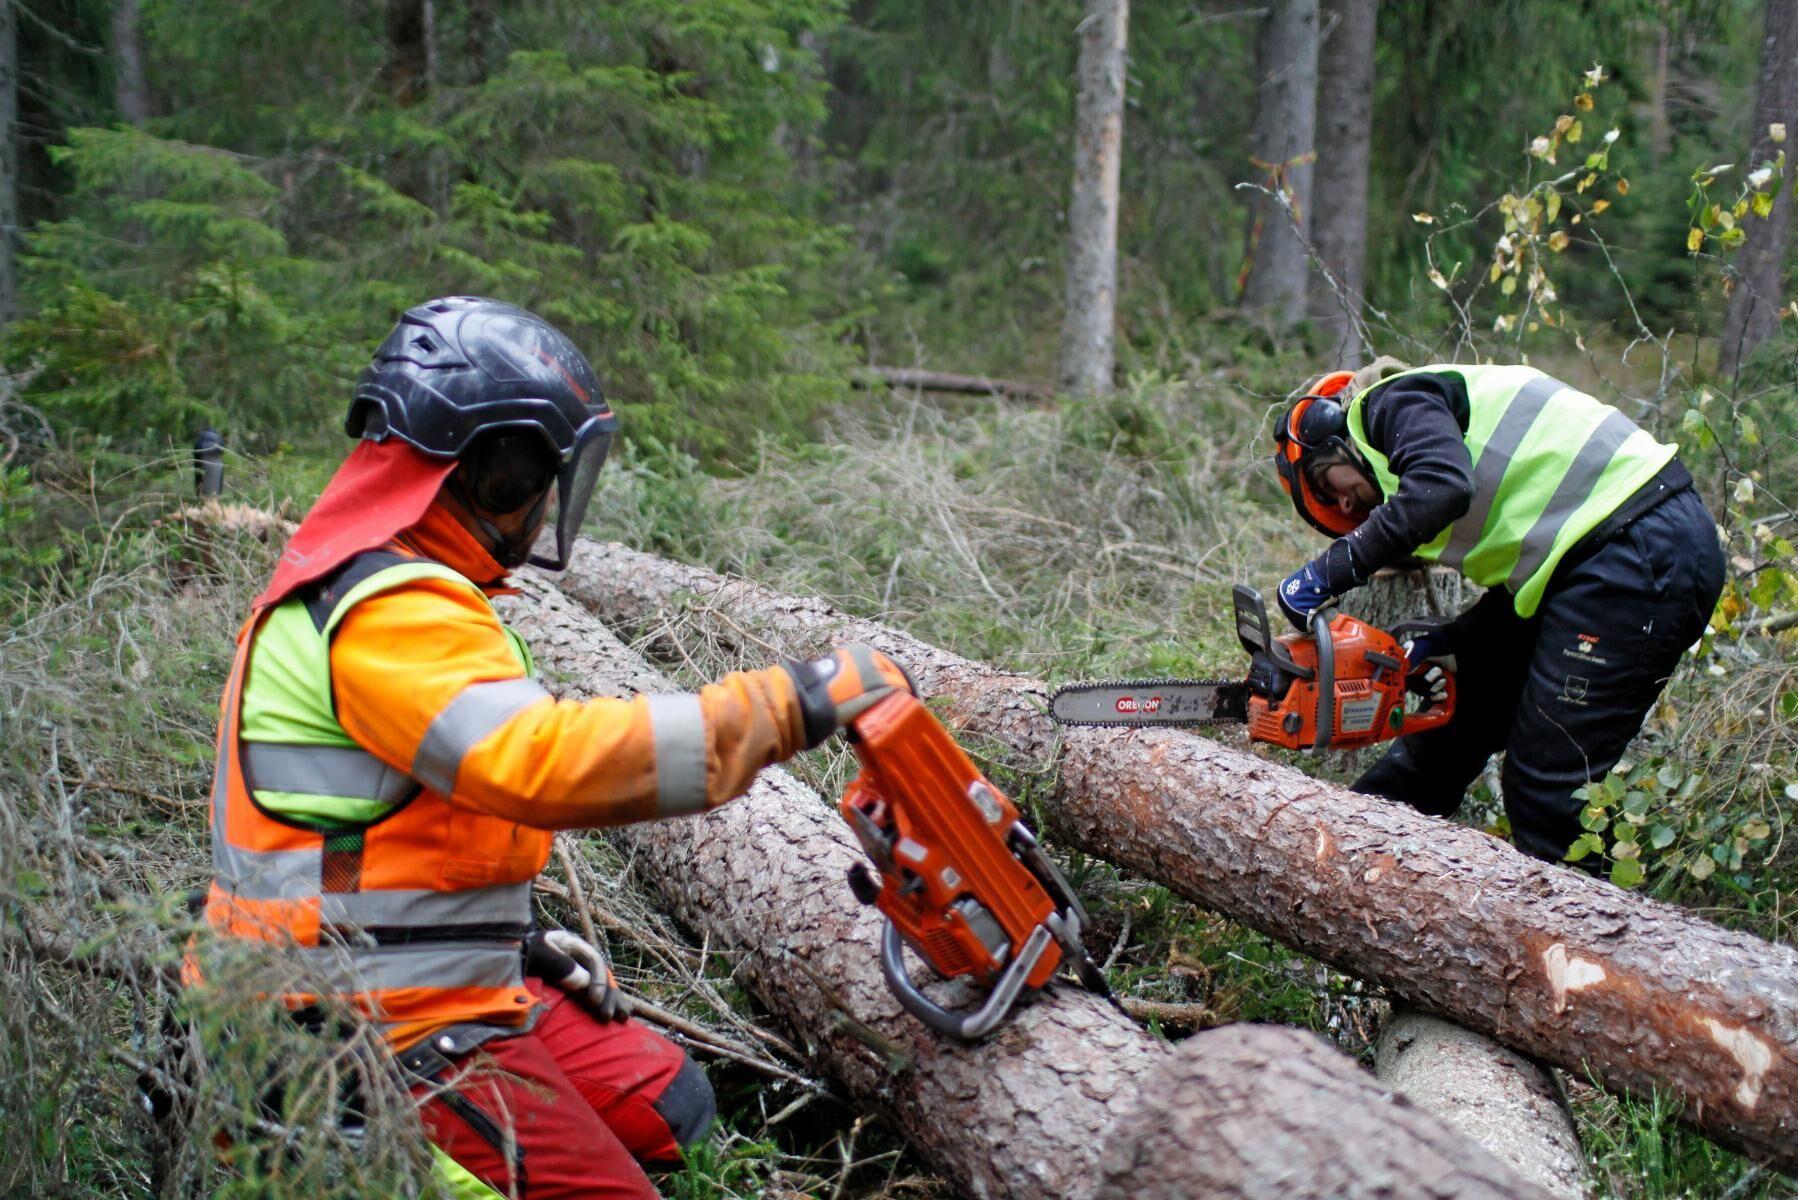 Andelen kvinnor som arbetar med skogsarbete inom det storskaliga skogsbruket har minskat, visar Skogsstyrelsens utvärdering.